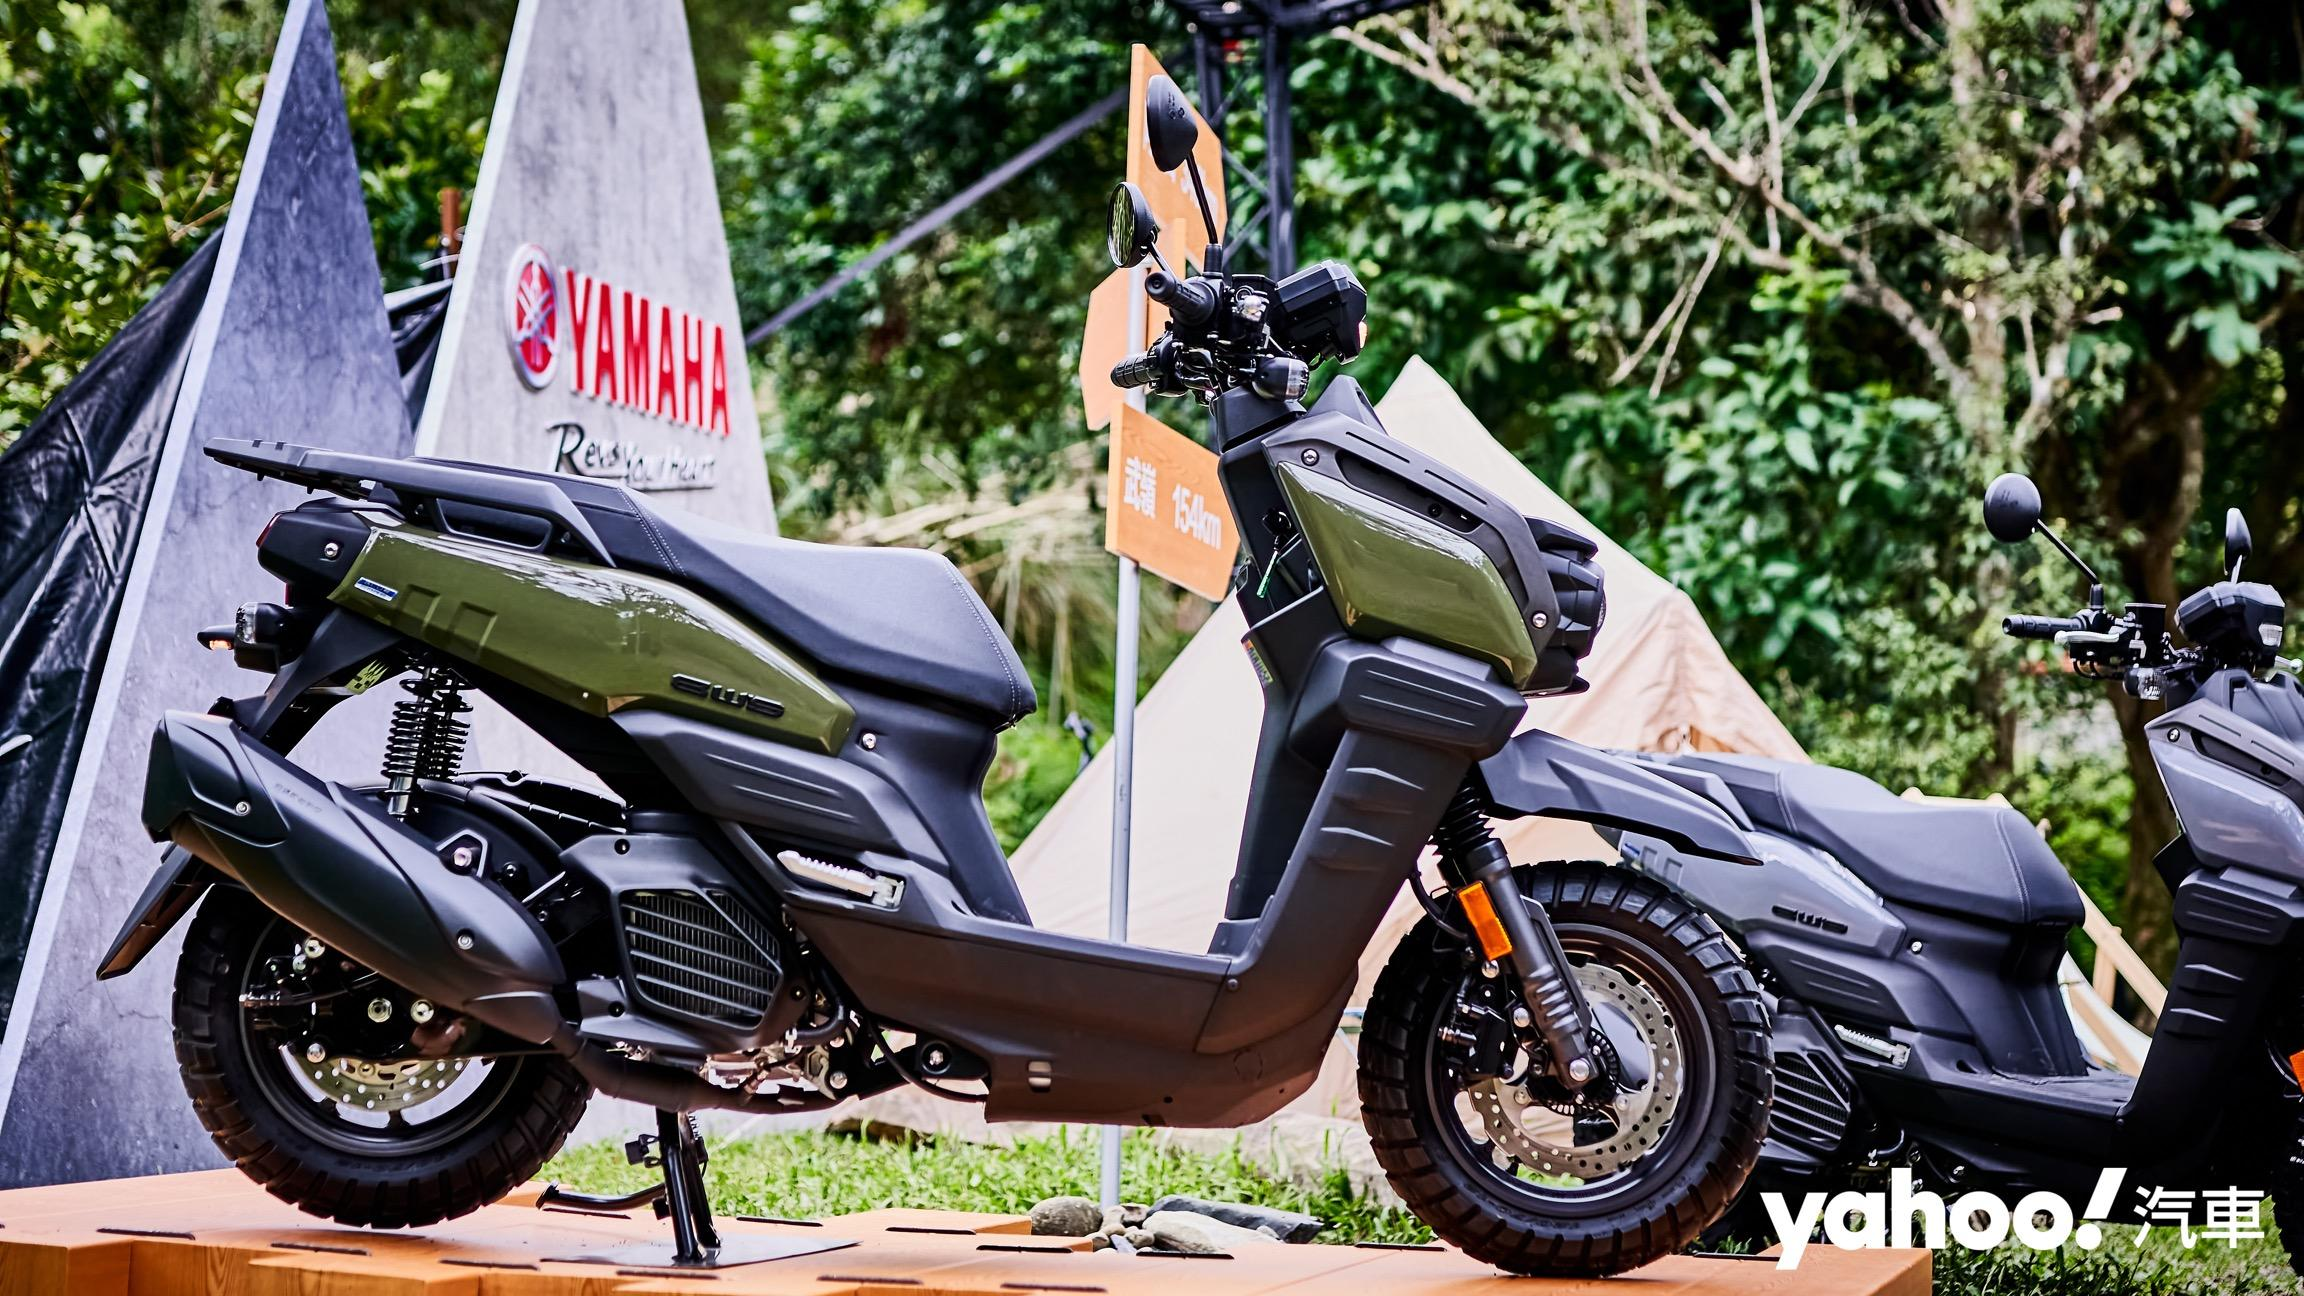 回歸狂野經典風格再現!2021 Yamaha全新BW'S 125正式發表!